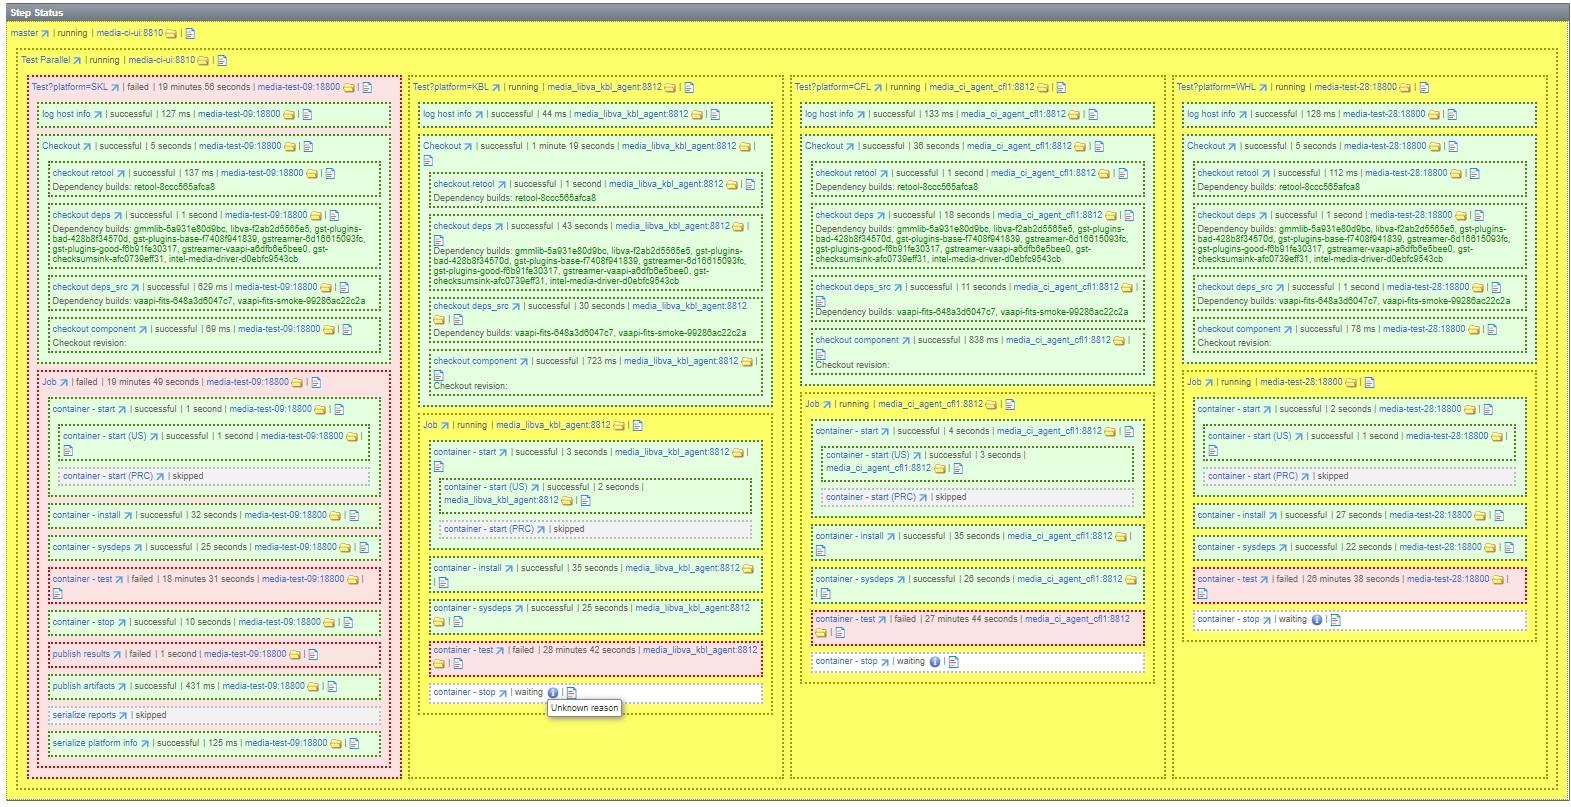 qb-system-pause-step-waits.jpg